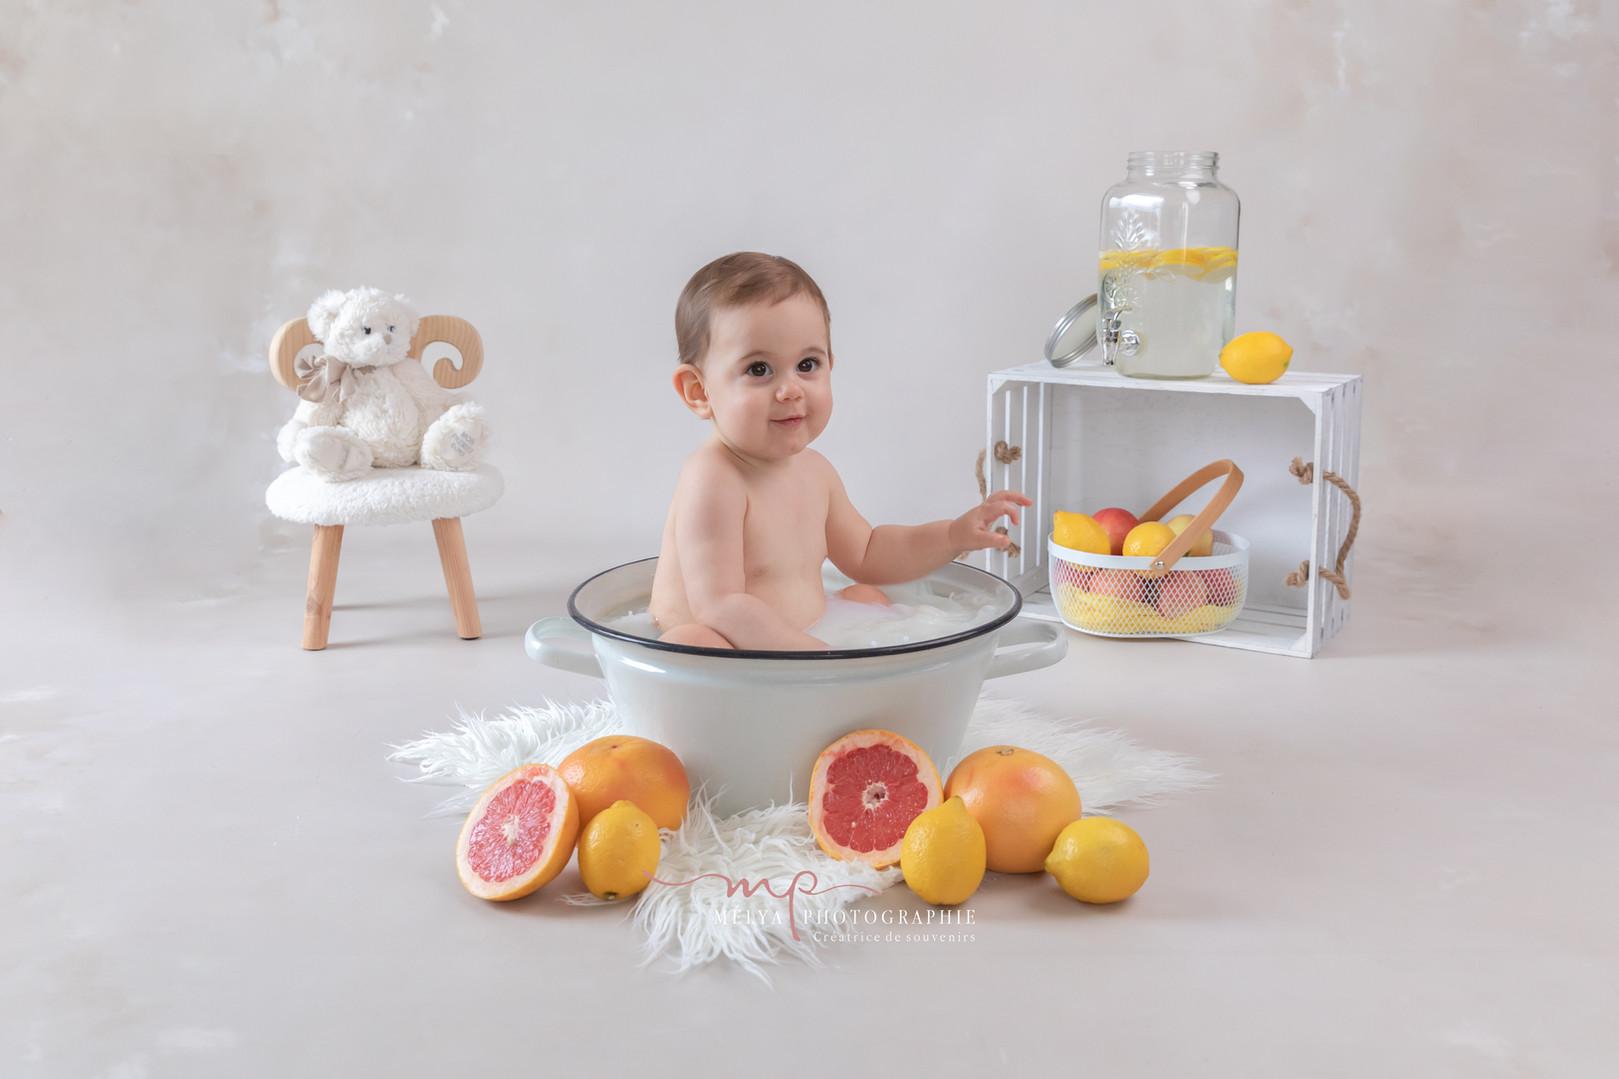 séance photo bain de lait mélya photographie